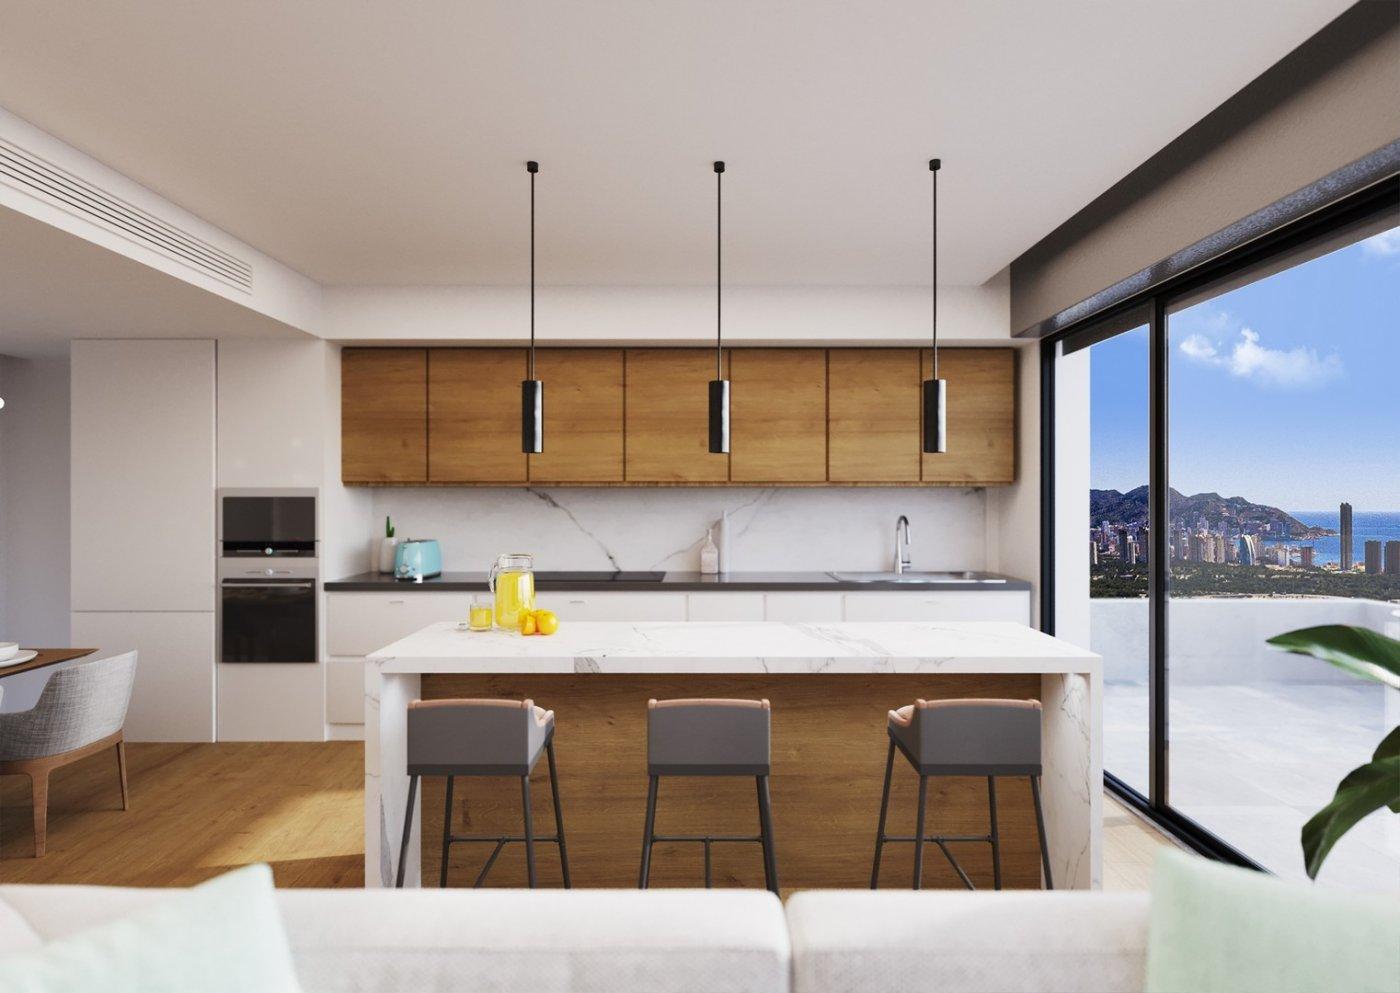 Nuevo complejo residencial en finestrat con vistas al mar!!! - imagenInmueble6